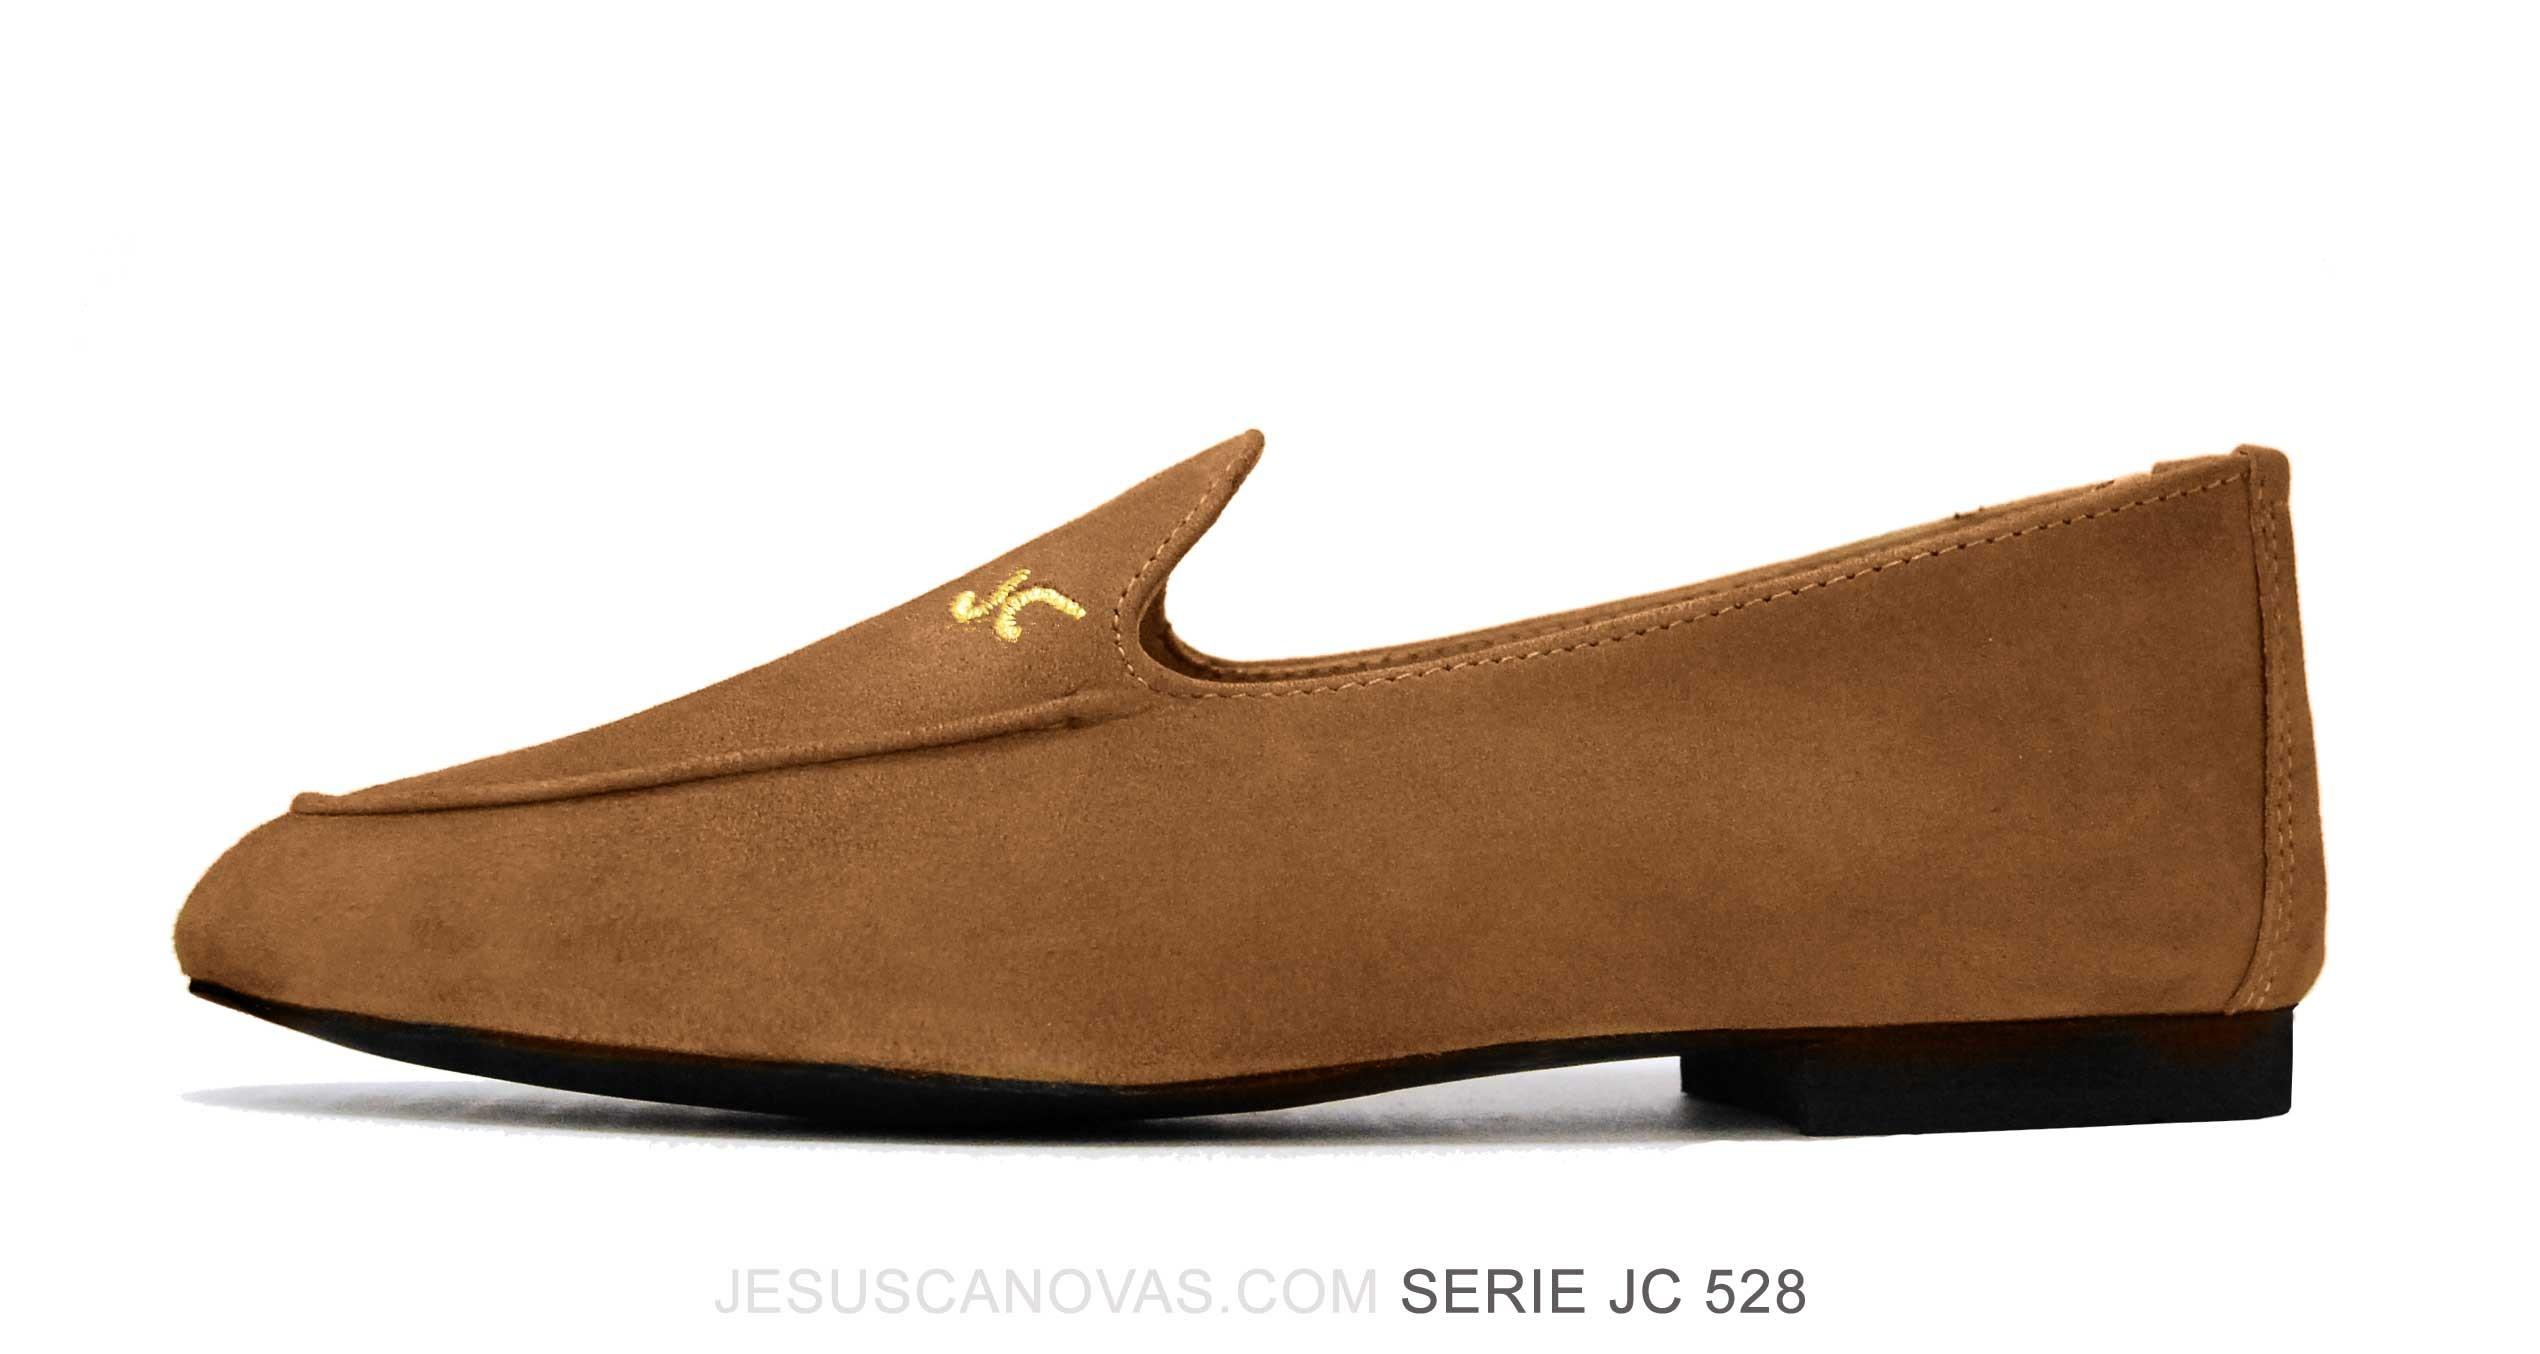 Foto 1 de Zapatos Julio Iglesias Mocasin Cuero ante